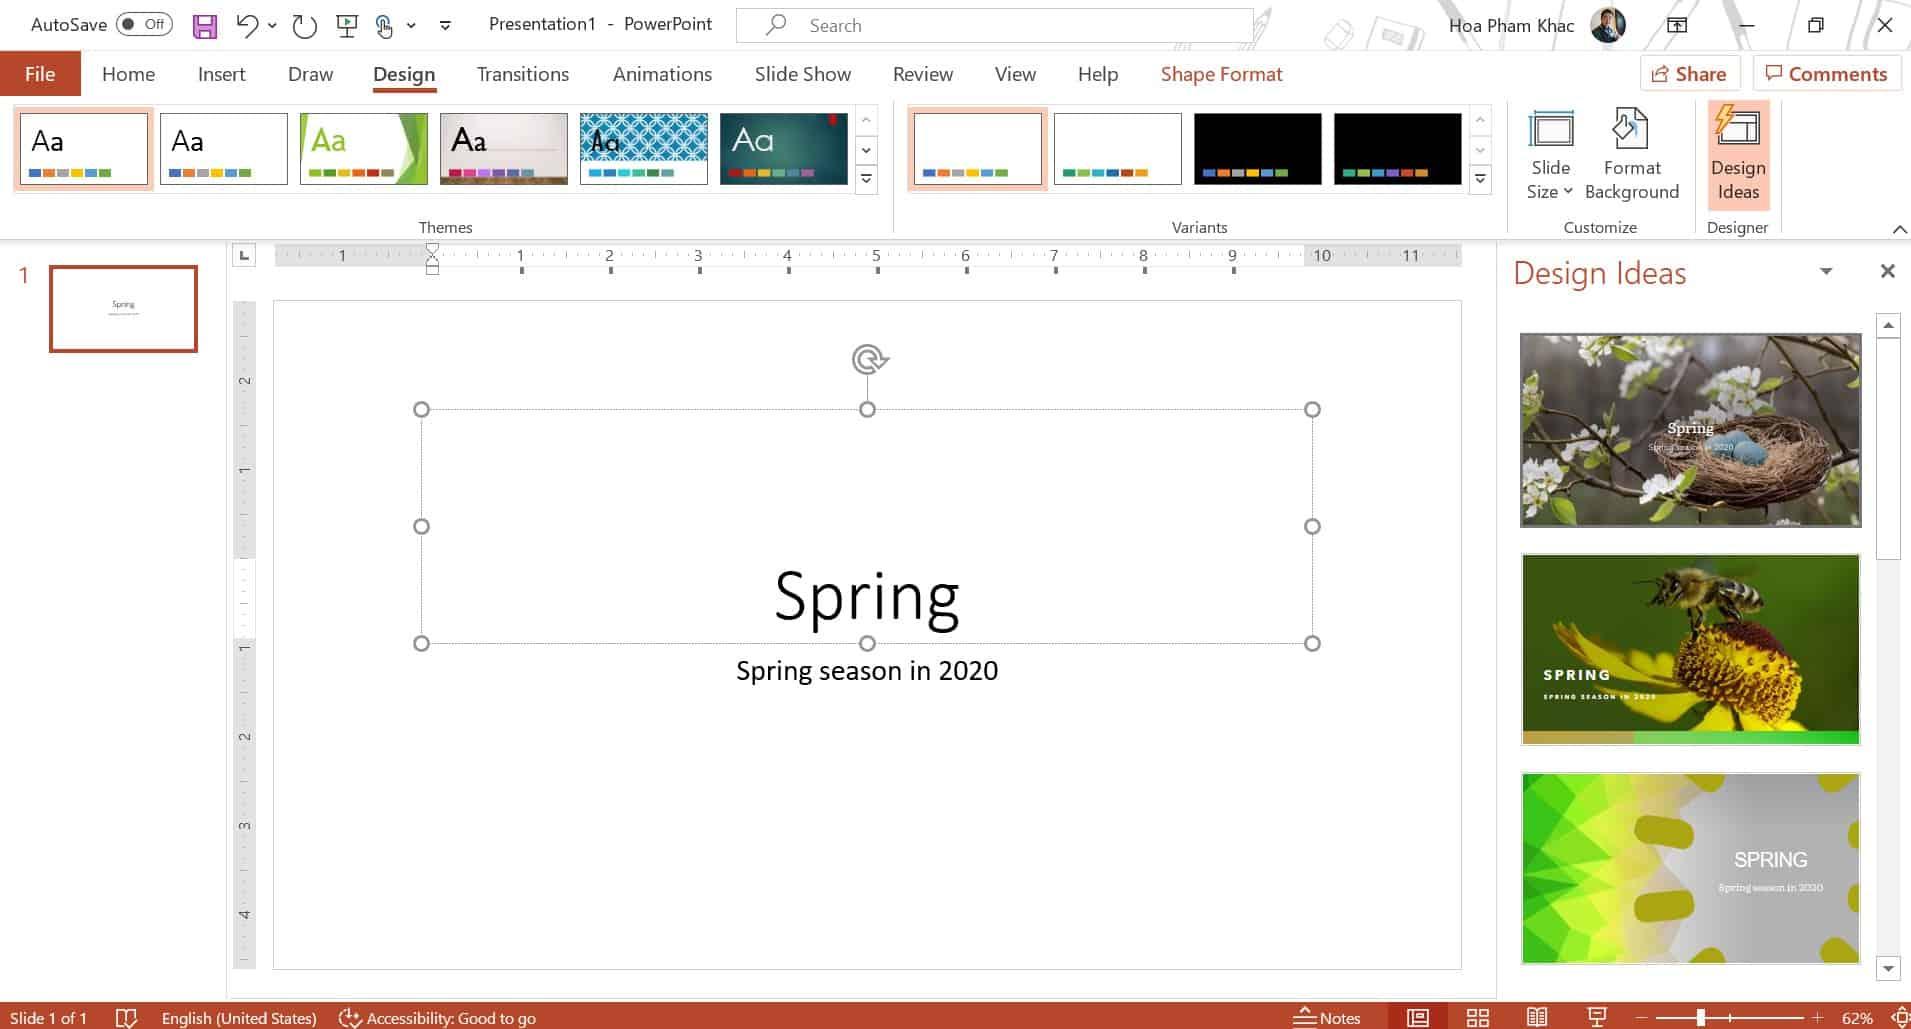 Design Ideas trên PowerPoint